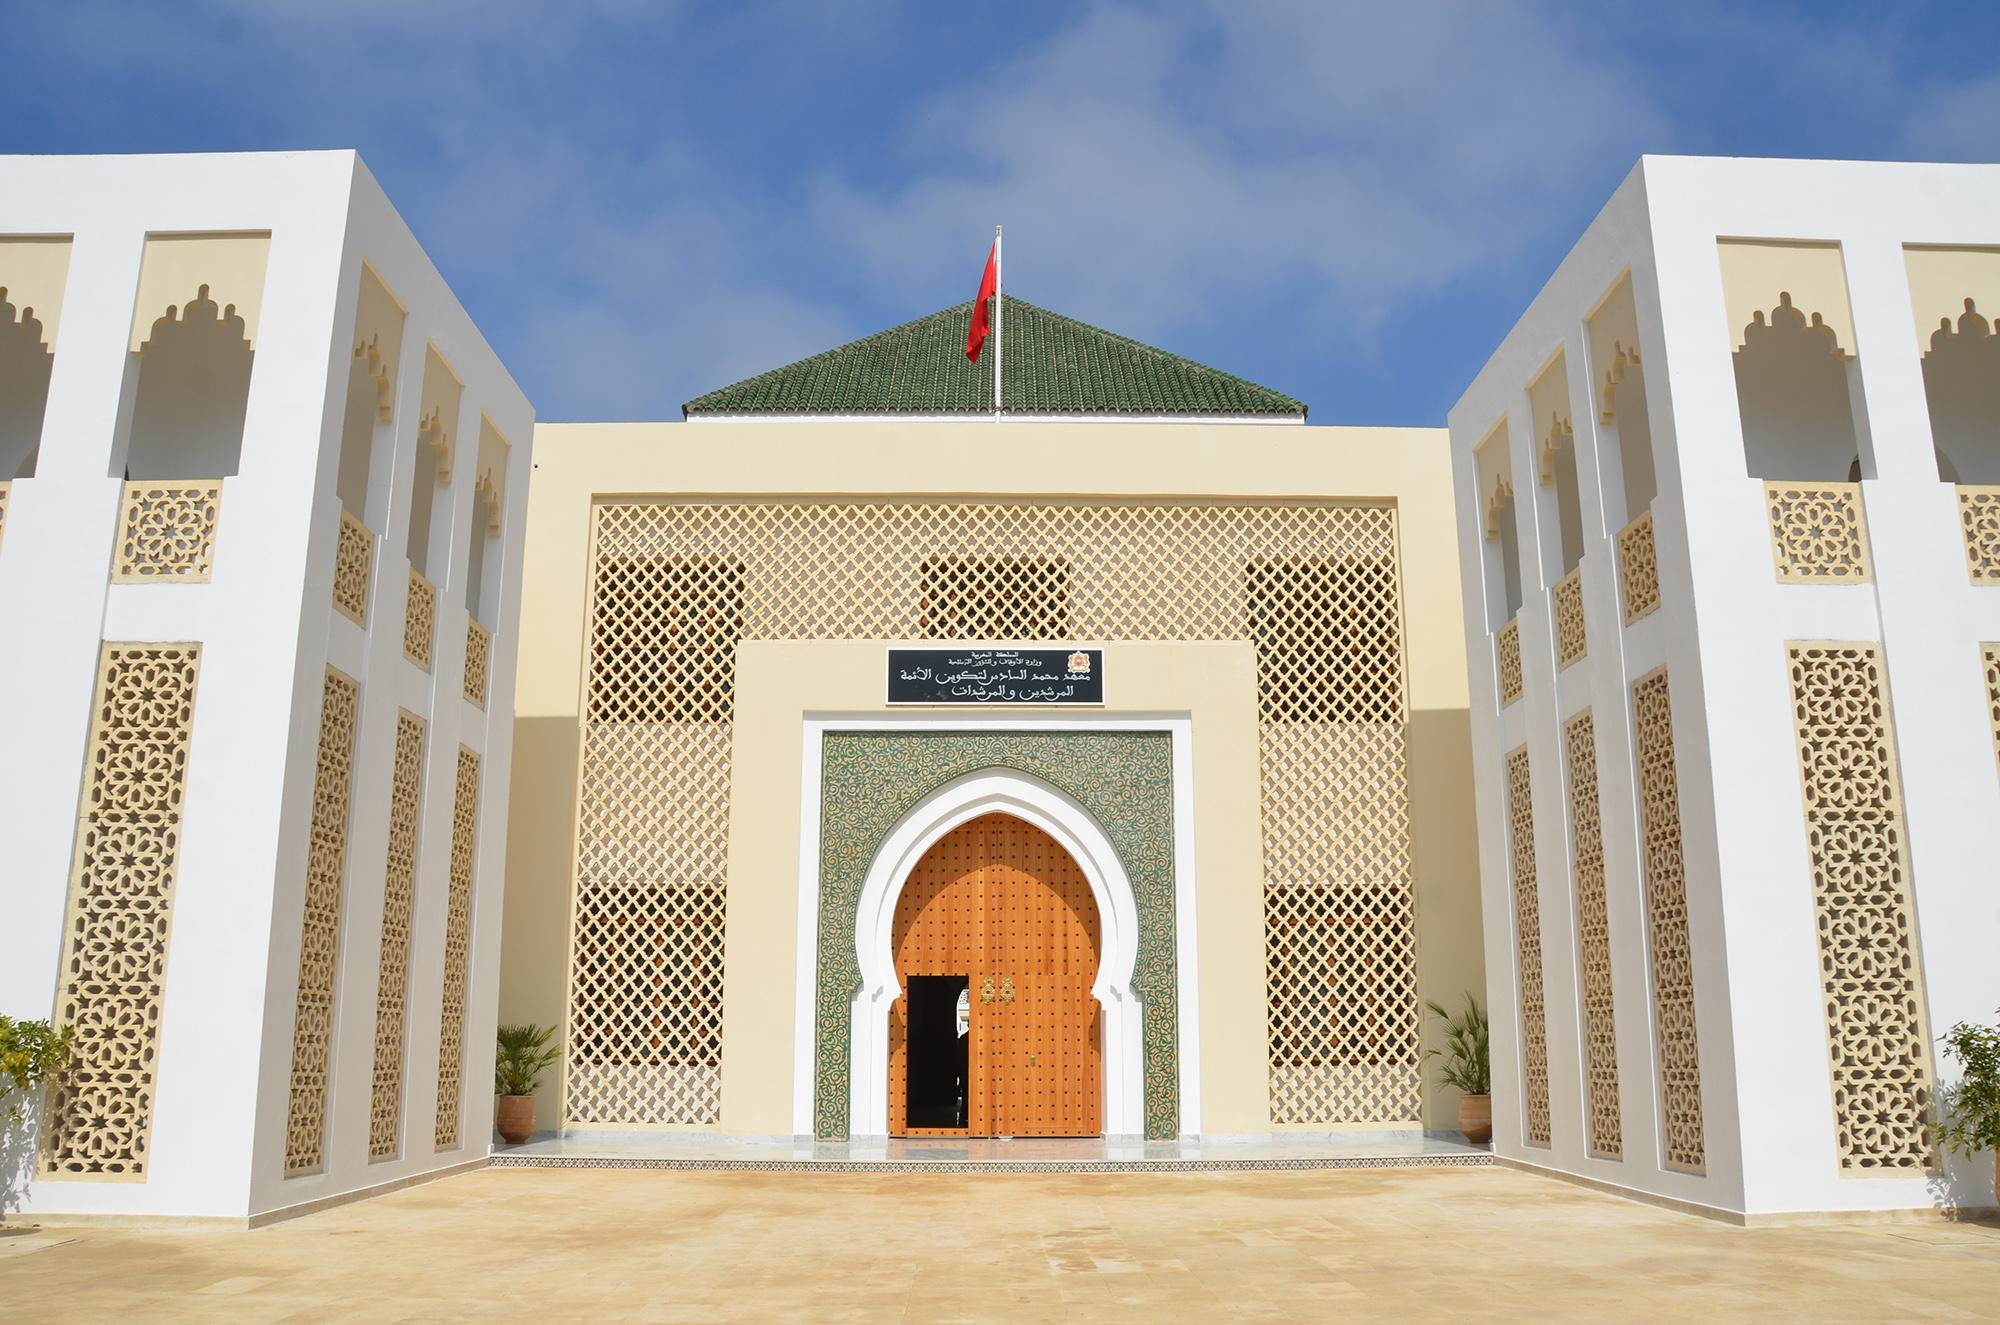 Le Maroc expulse un étudiant malien à cause d'un exposé portant sur l'indépendance de l'Azawad